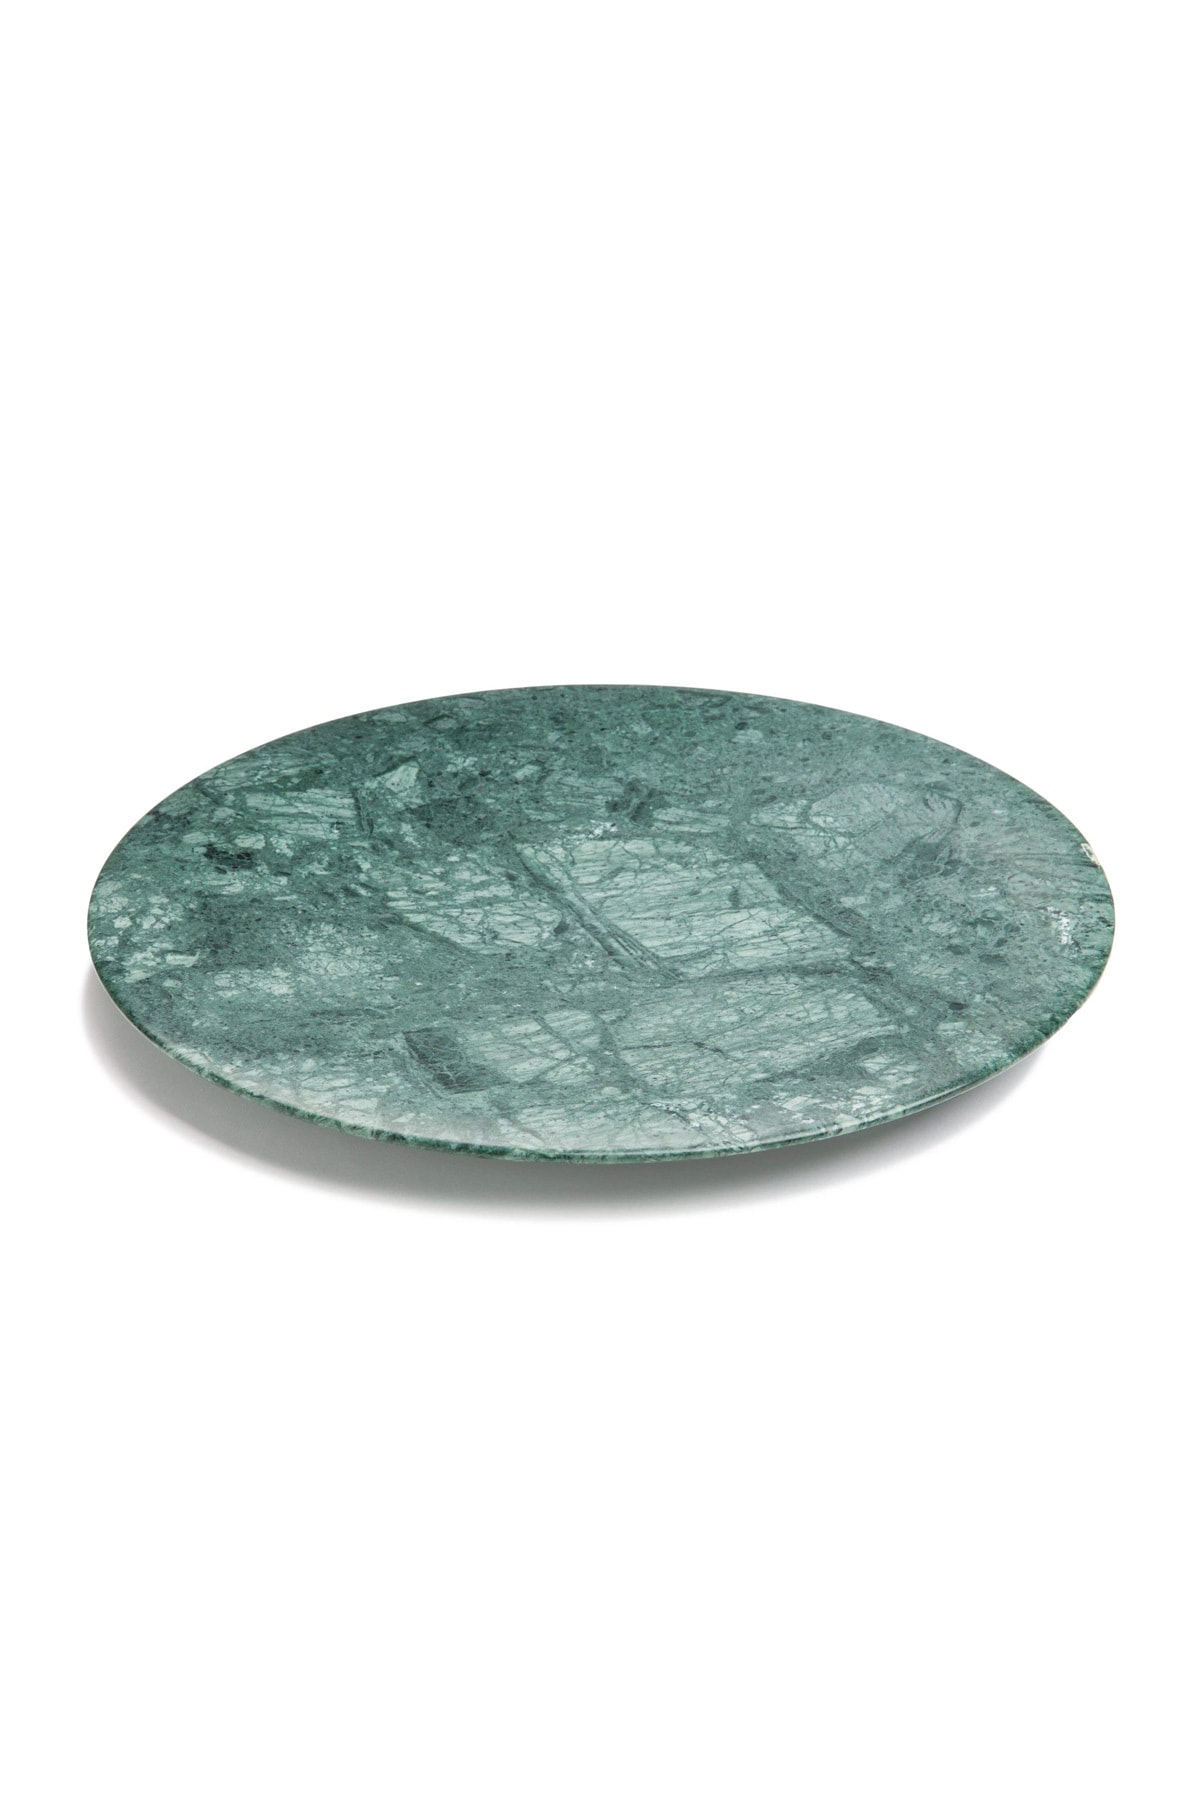 Fosil Mermer Yuvarlak Sunum Ve Servis Tepsisi, Kesim Tablası, Peynir Tabağı - Yeşil Mermer 1